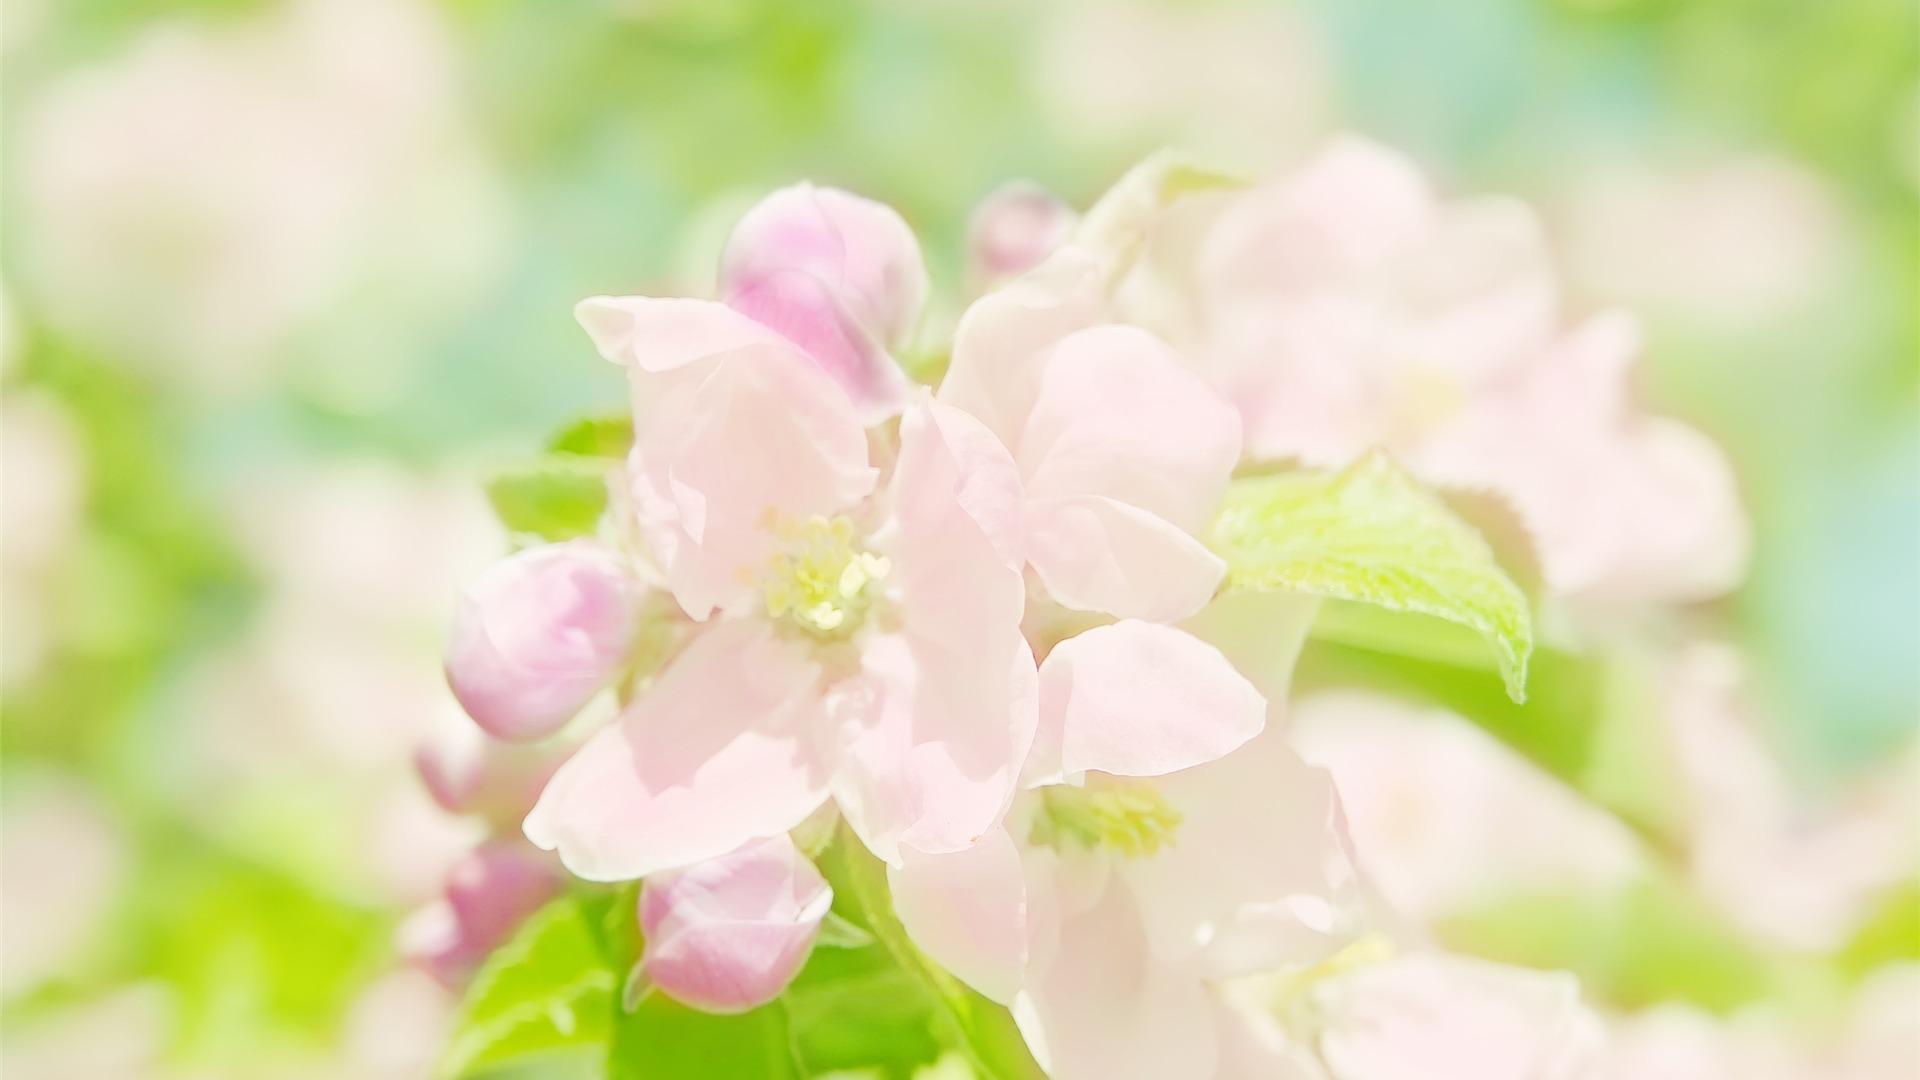 春咲きの花の壁紙プレビュー 10wallpaper Com